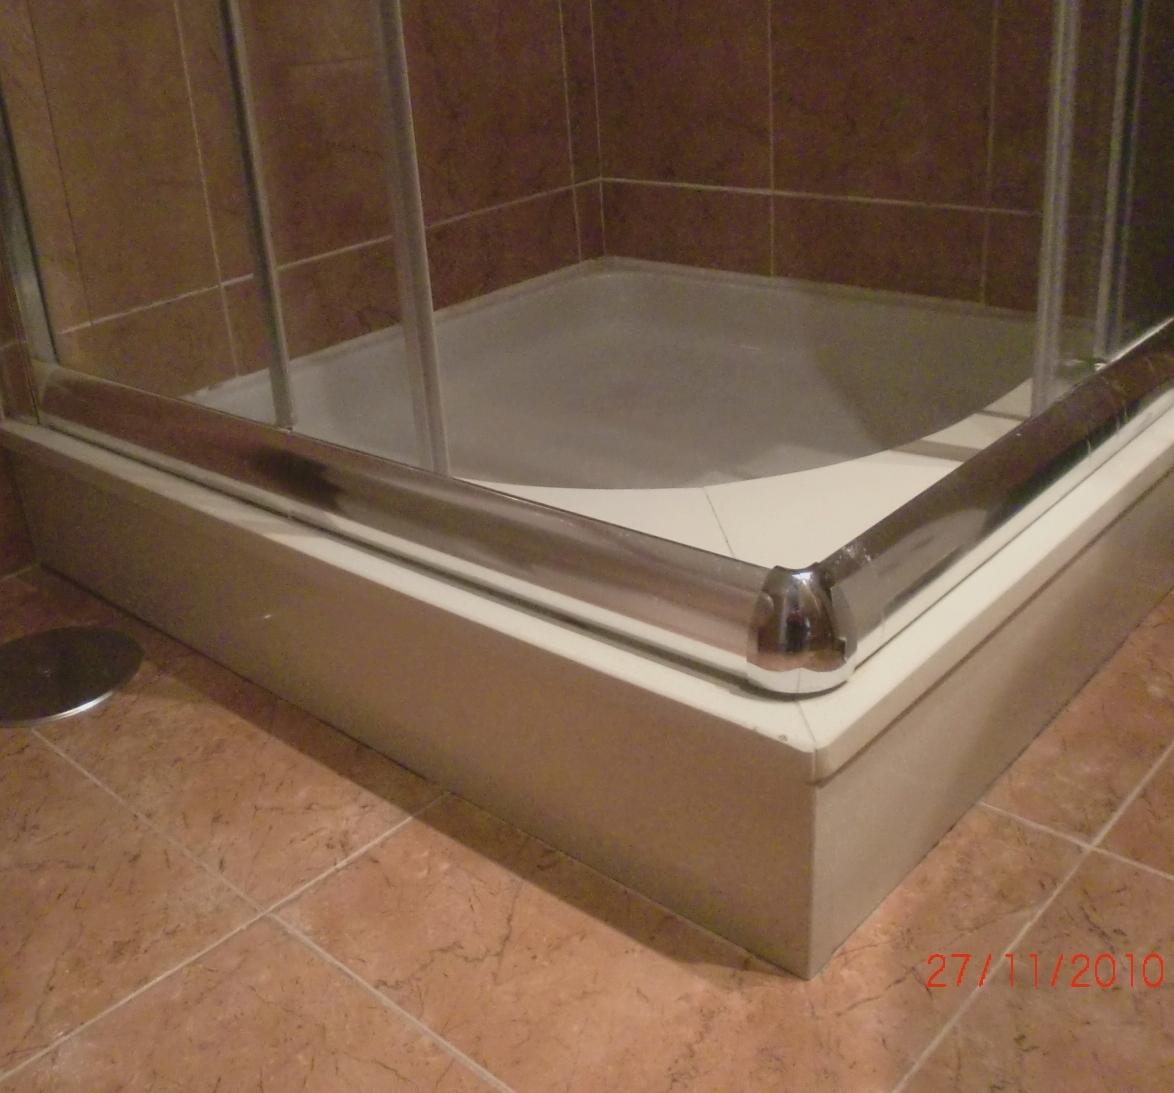 Pumps tubos termo boiler como sellar un plato de ducha - Como instalar un plato de ducha acrilico ...